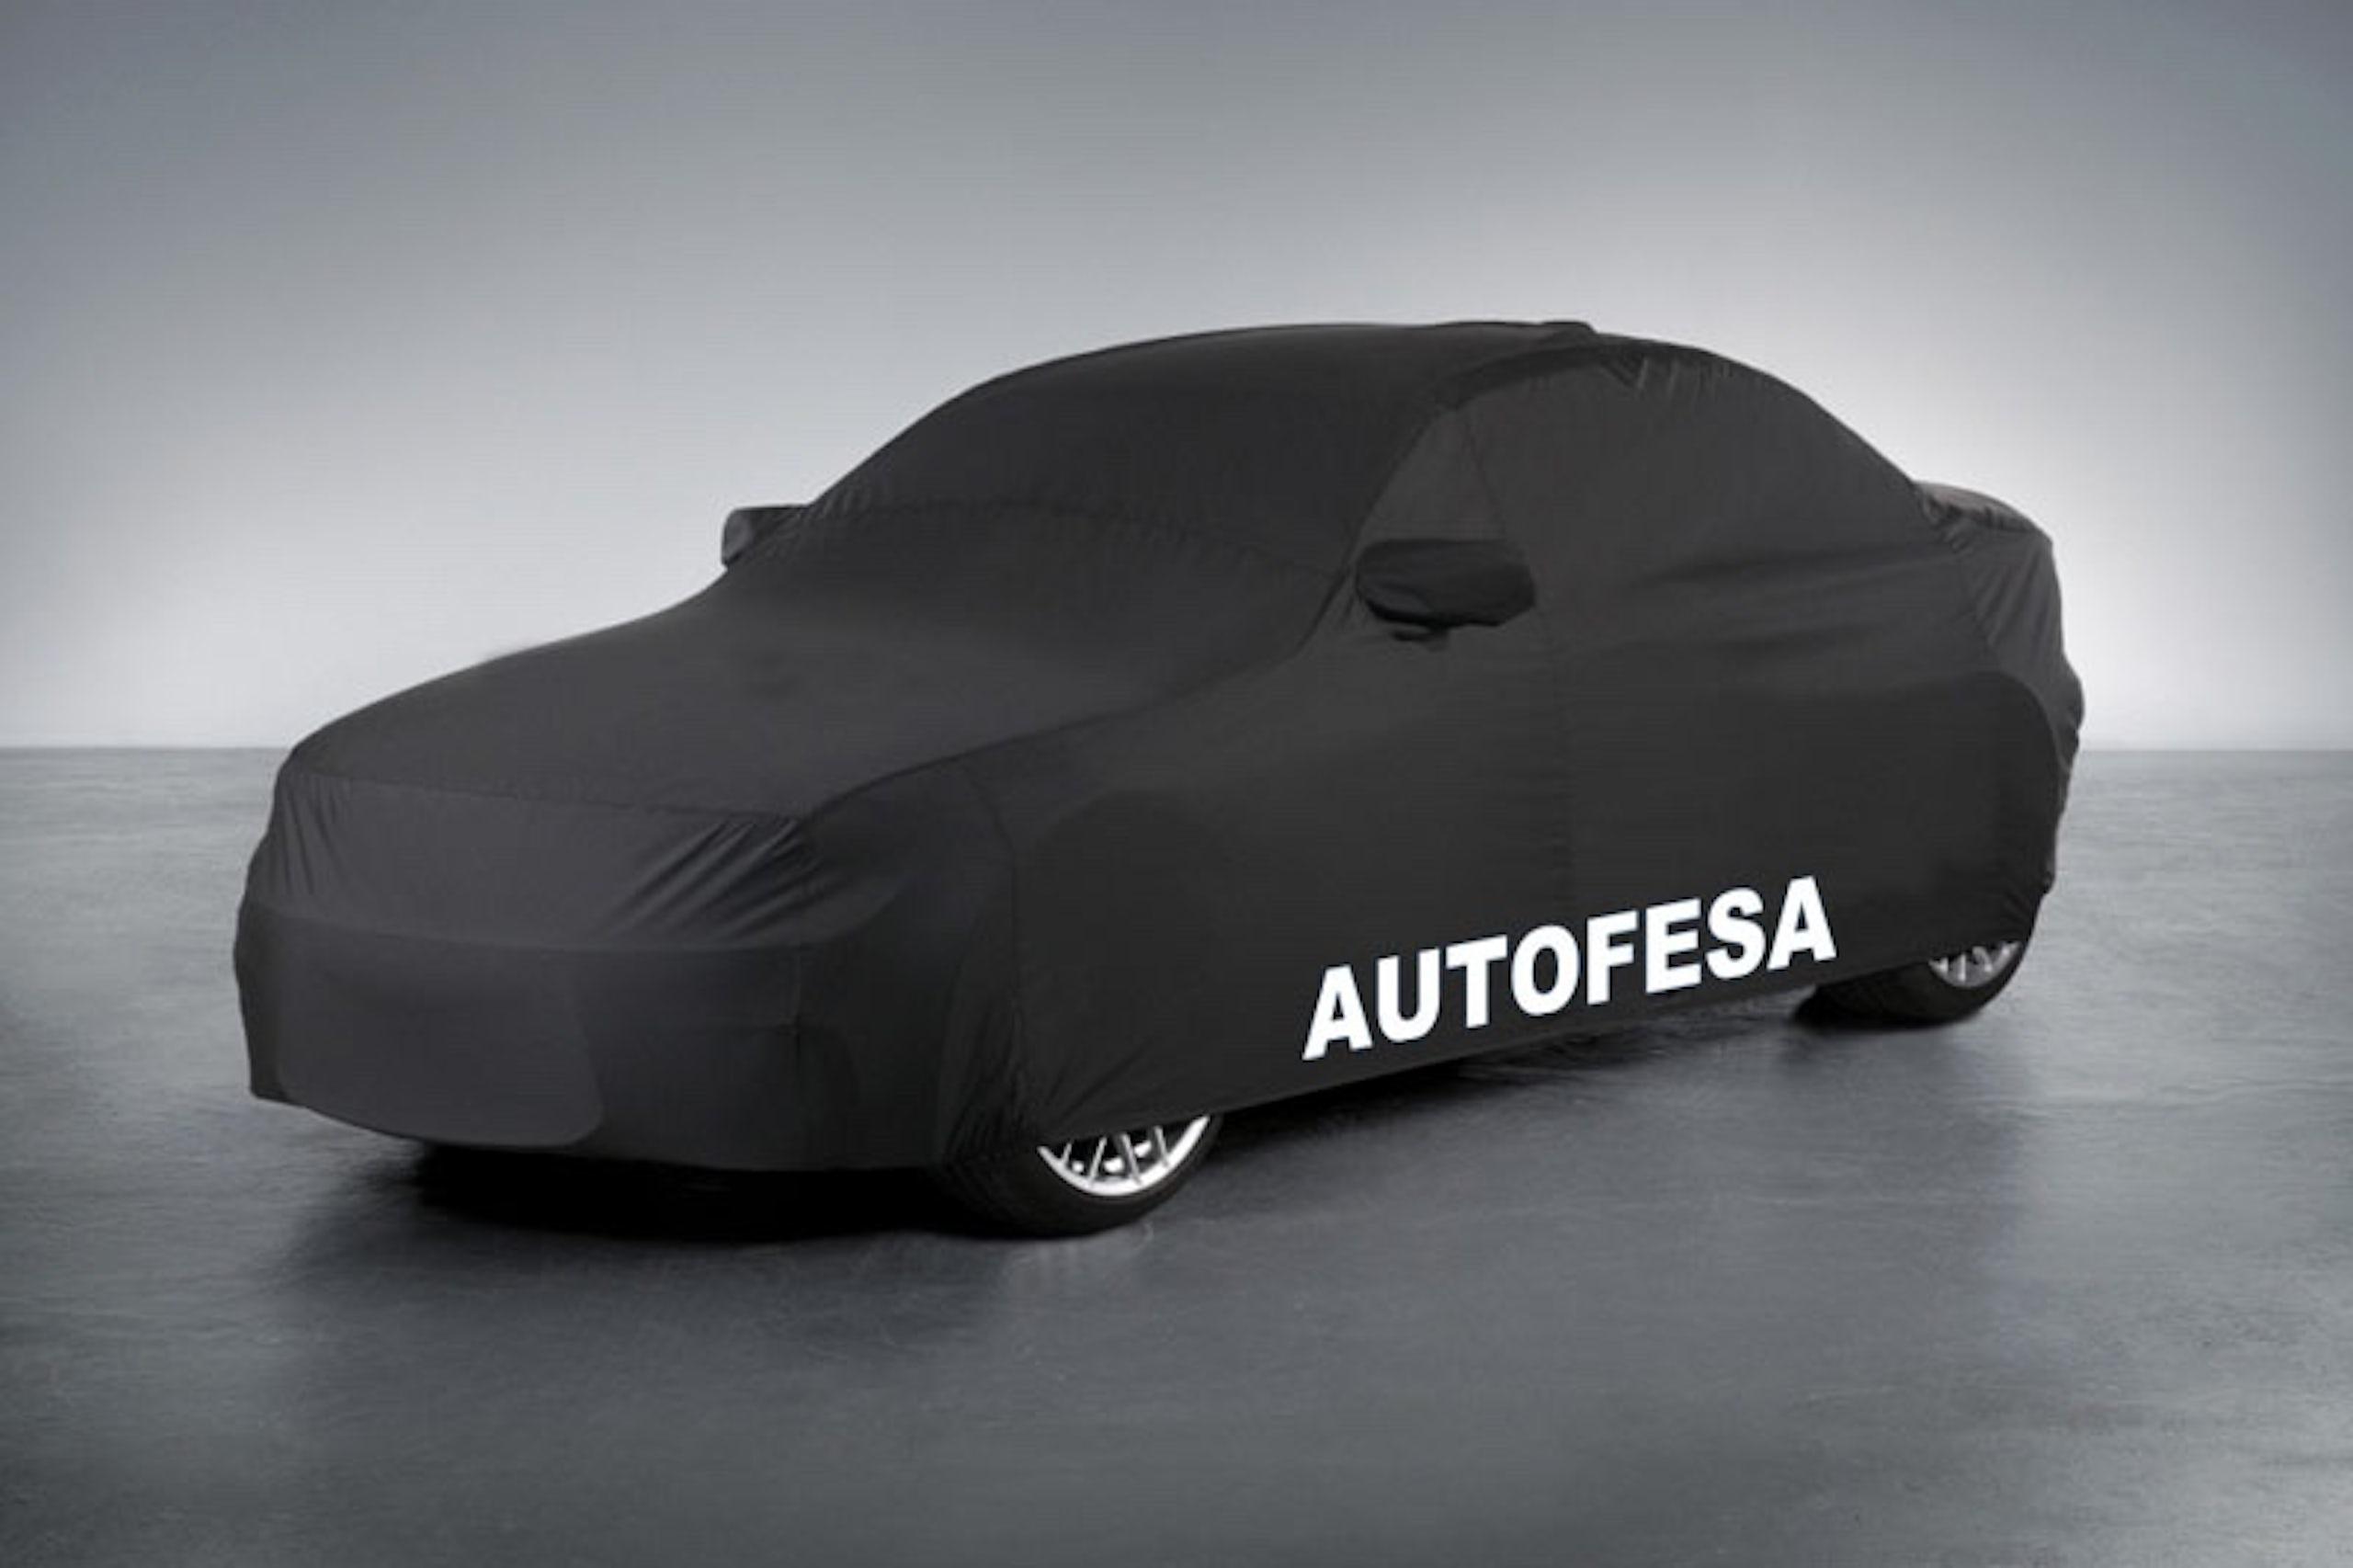 Audi A6 3.0 TDI AVANT 272cv quattro 4p S tronic Auto S/S - Foto 14